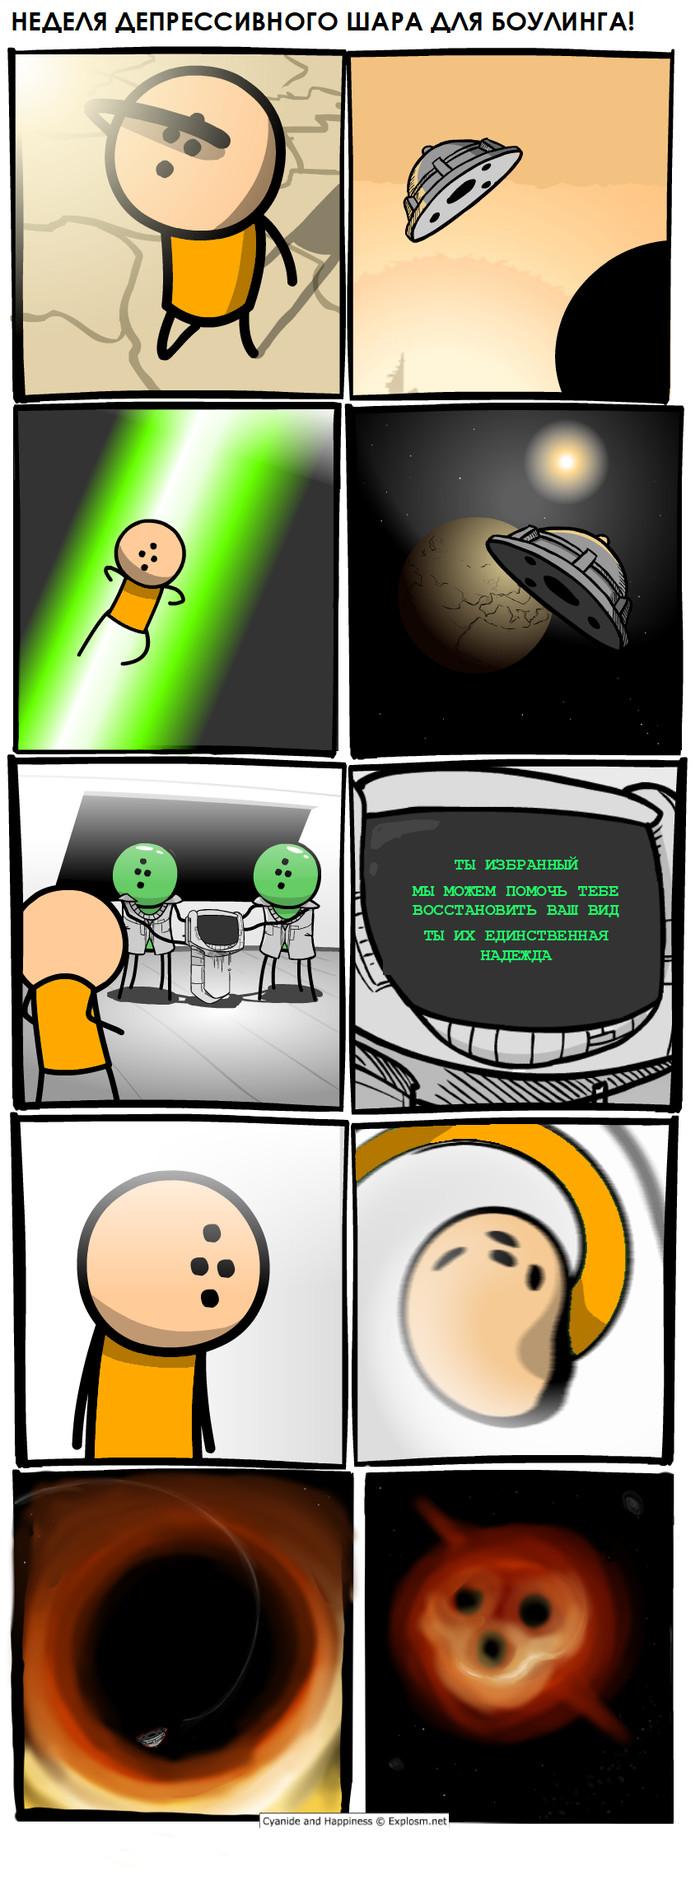 Избранный Cyanide and Happiness, Комиксы, Длиннопост, Черная дыра